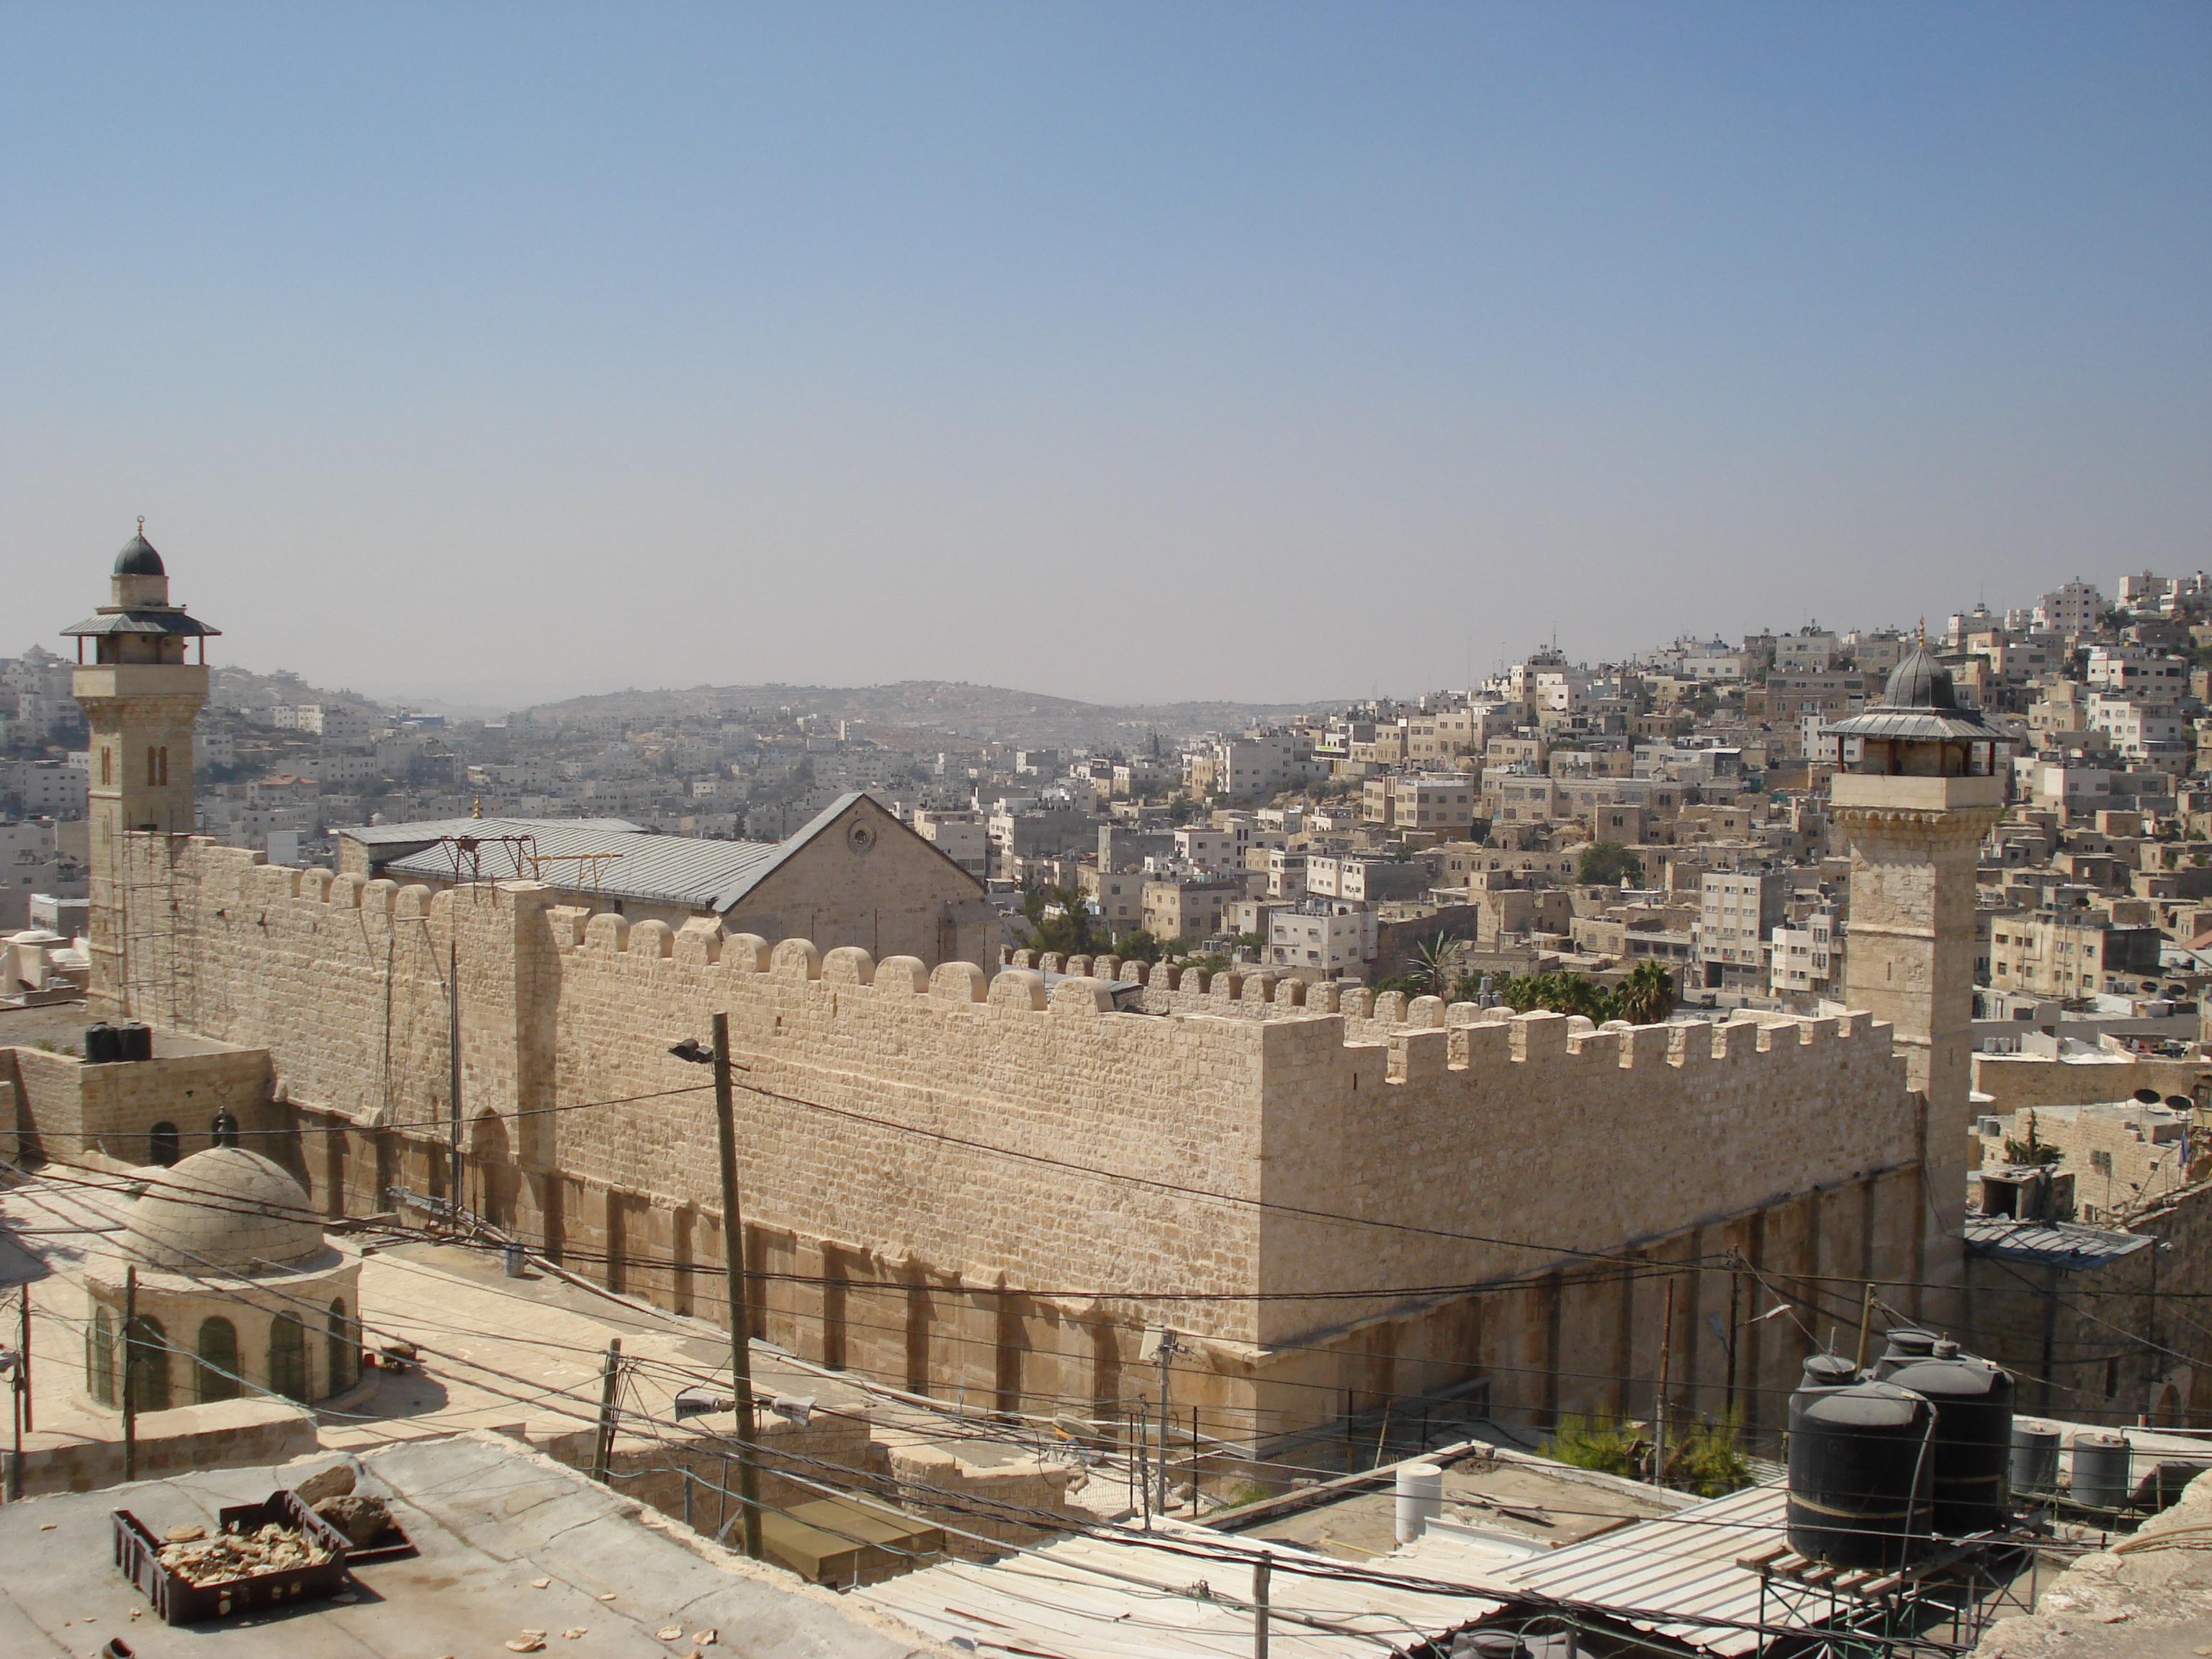 انتهاكاً صهيونياً للمسجد الأقصى والابراهيمي a9c7a8228ff49ad0a7fa789162427427.jpg